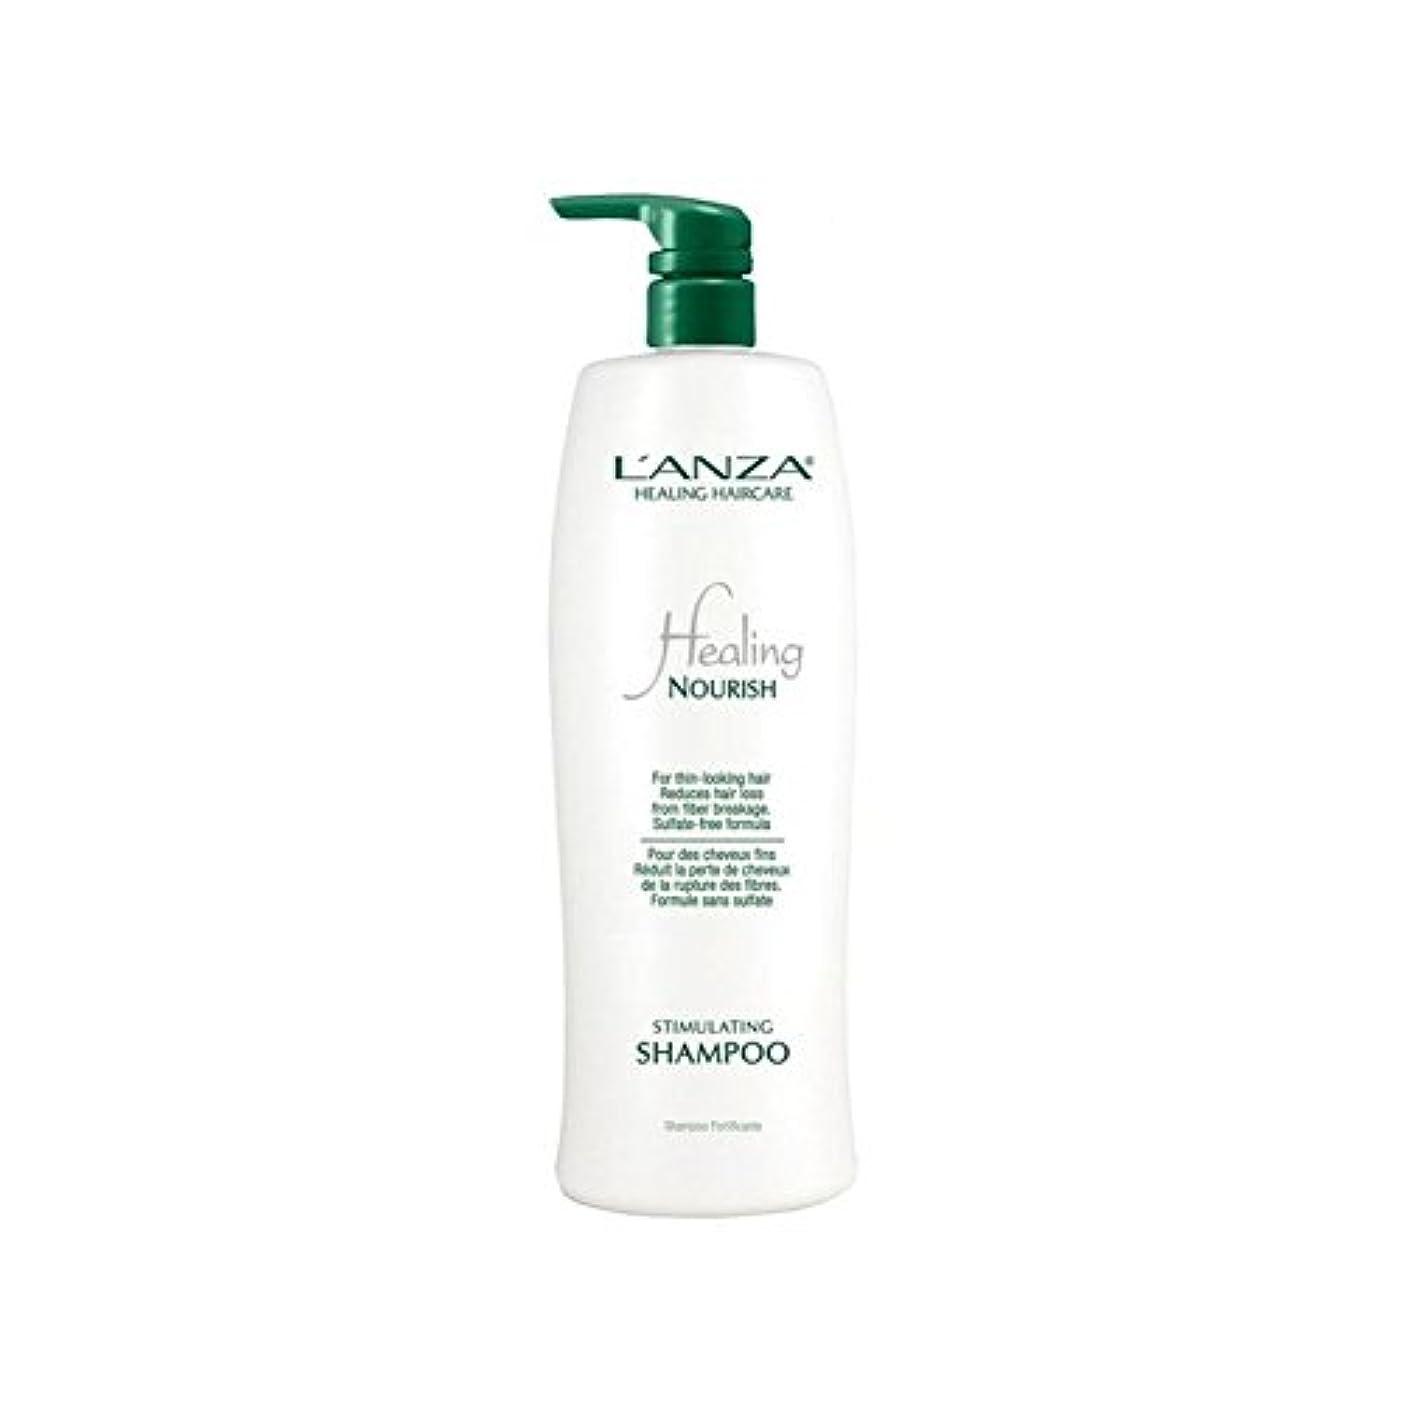 歌手必需品側溝ランツァ治癒がシャンプー(千ミリリットル)を刺激する栄養を与えます x4 - Lanza Healing Nourish Stimulating Shampoo (1000ml) (Pack of 4) [並行輸入品]